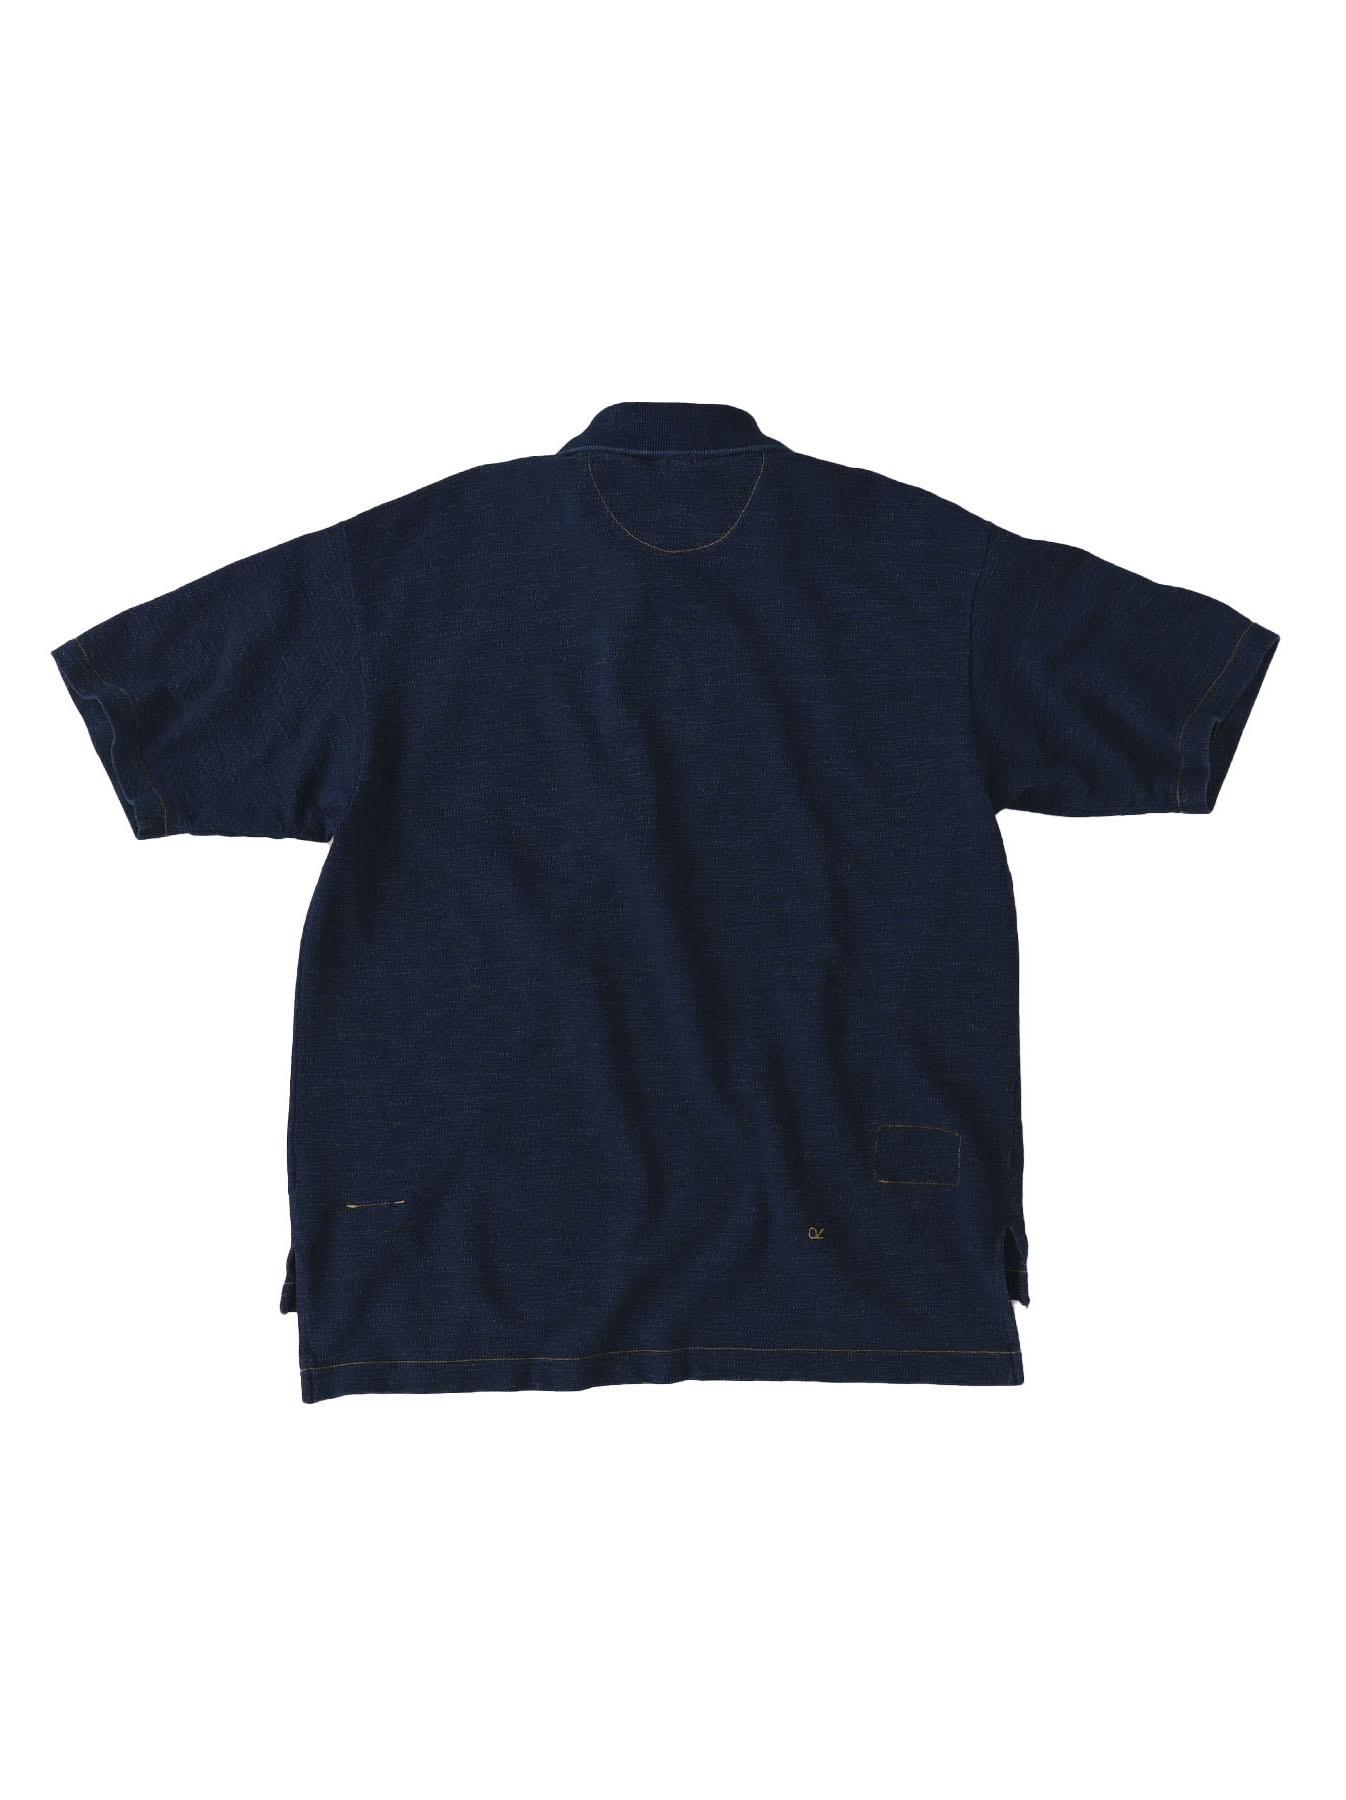 Indigo Kanoko Ocean Shiokaze Short-sleeved Polo Shirt (0521)-6